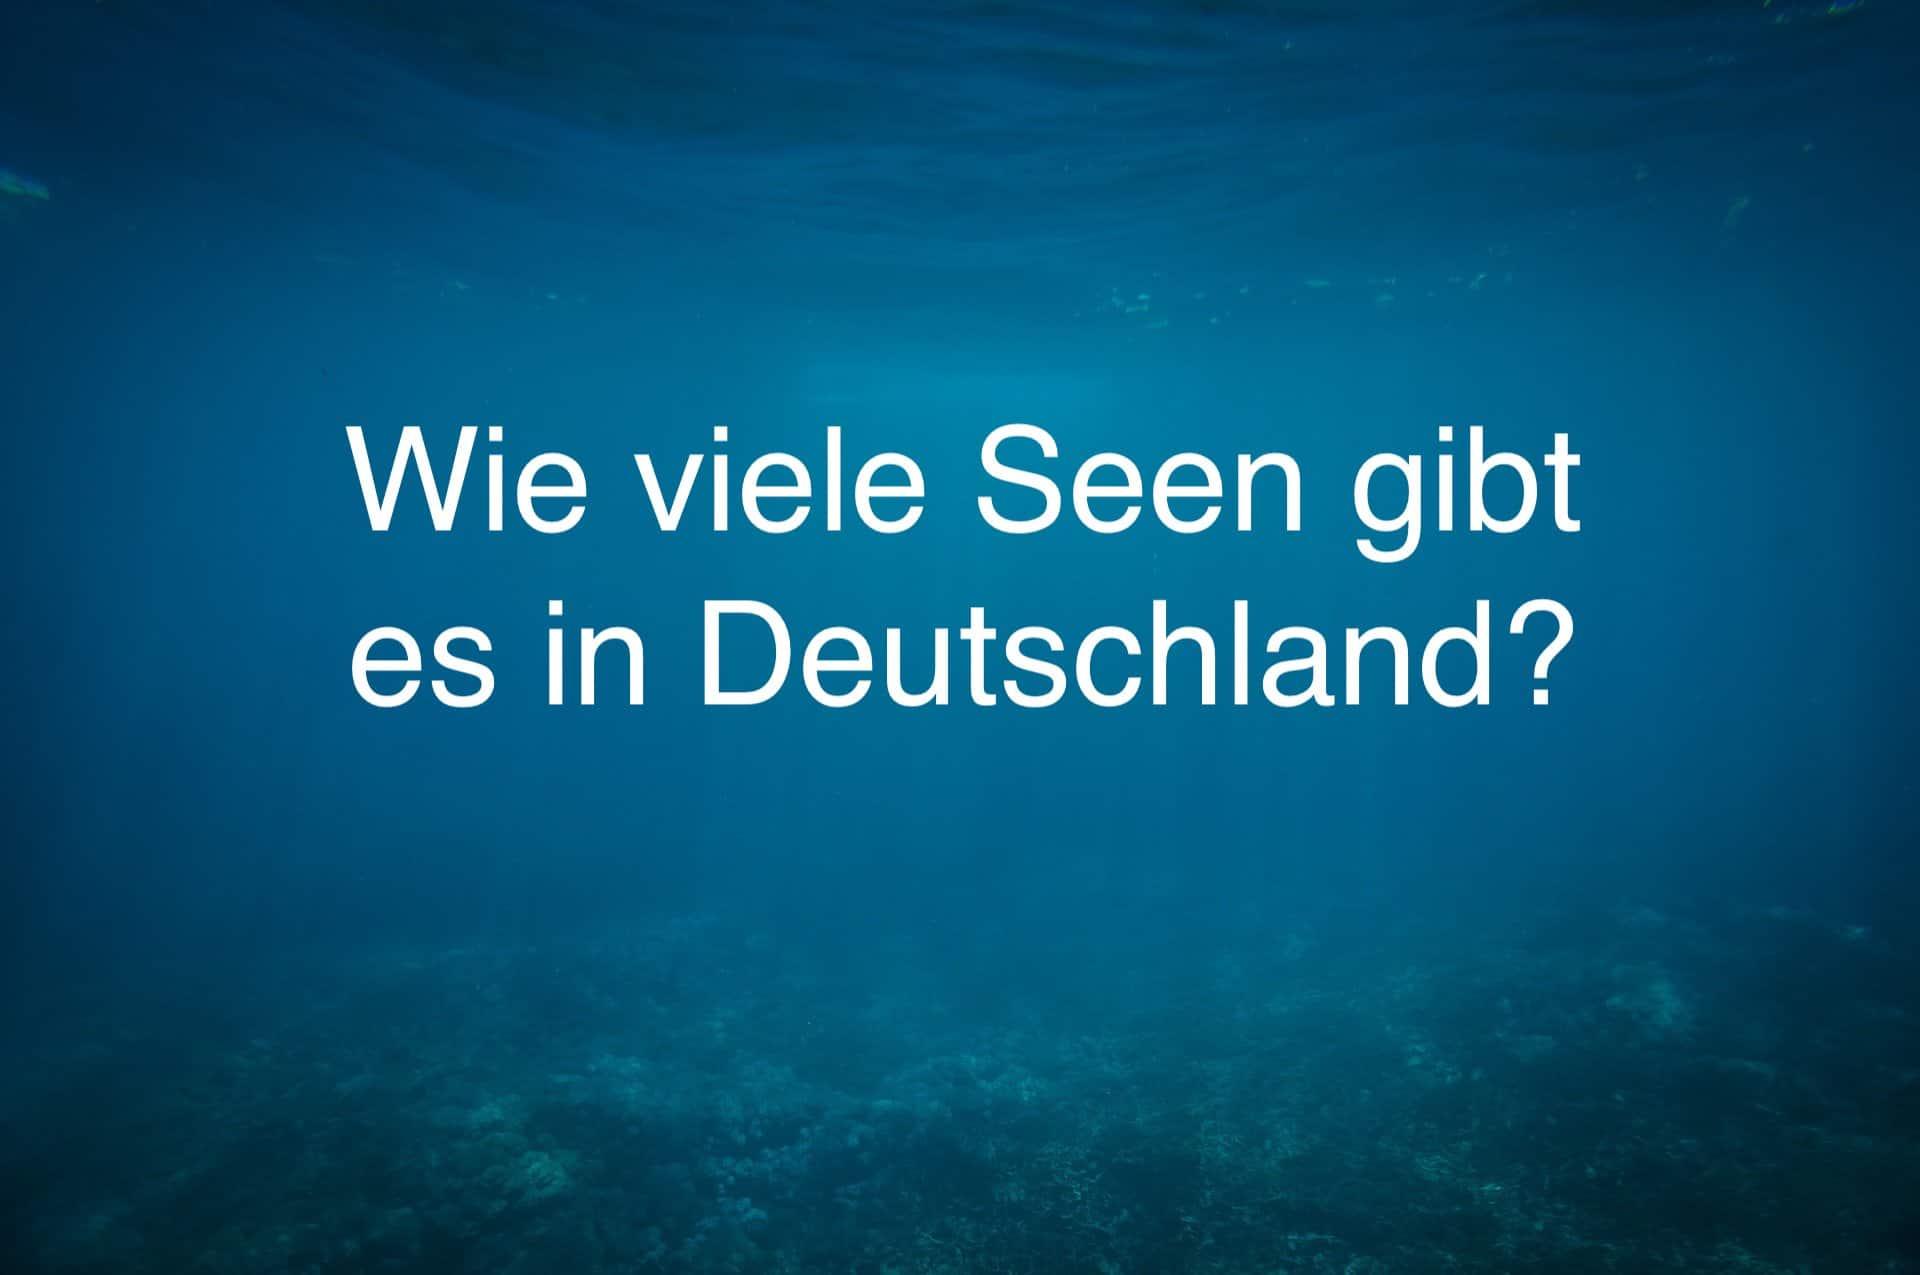 Anzahl der Seen in Deutschland